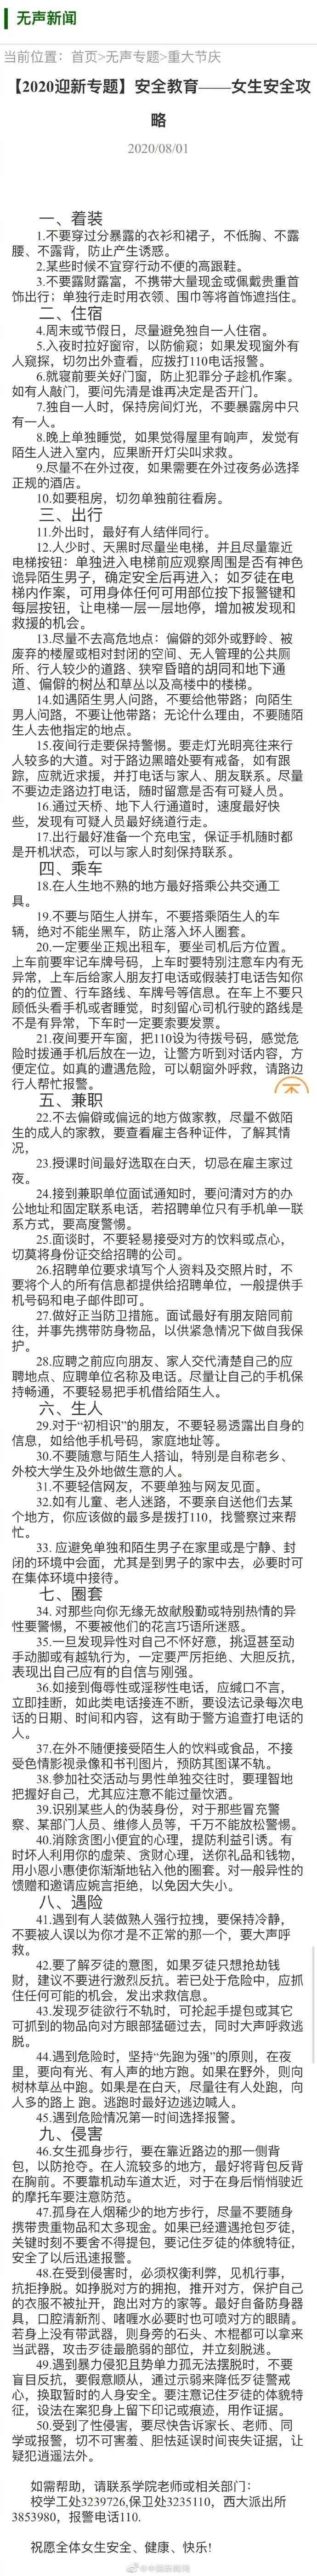 """【扬州seo】_高校建议女生""""不穿过分暴露的衣衫裙子"""" 网友质疑:什么年代了"""